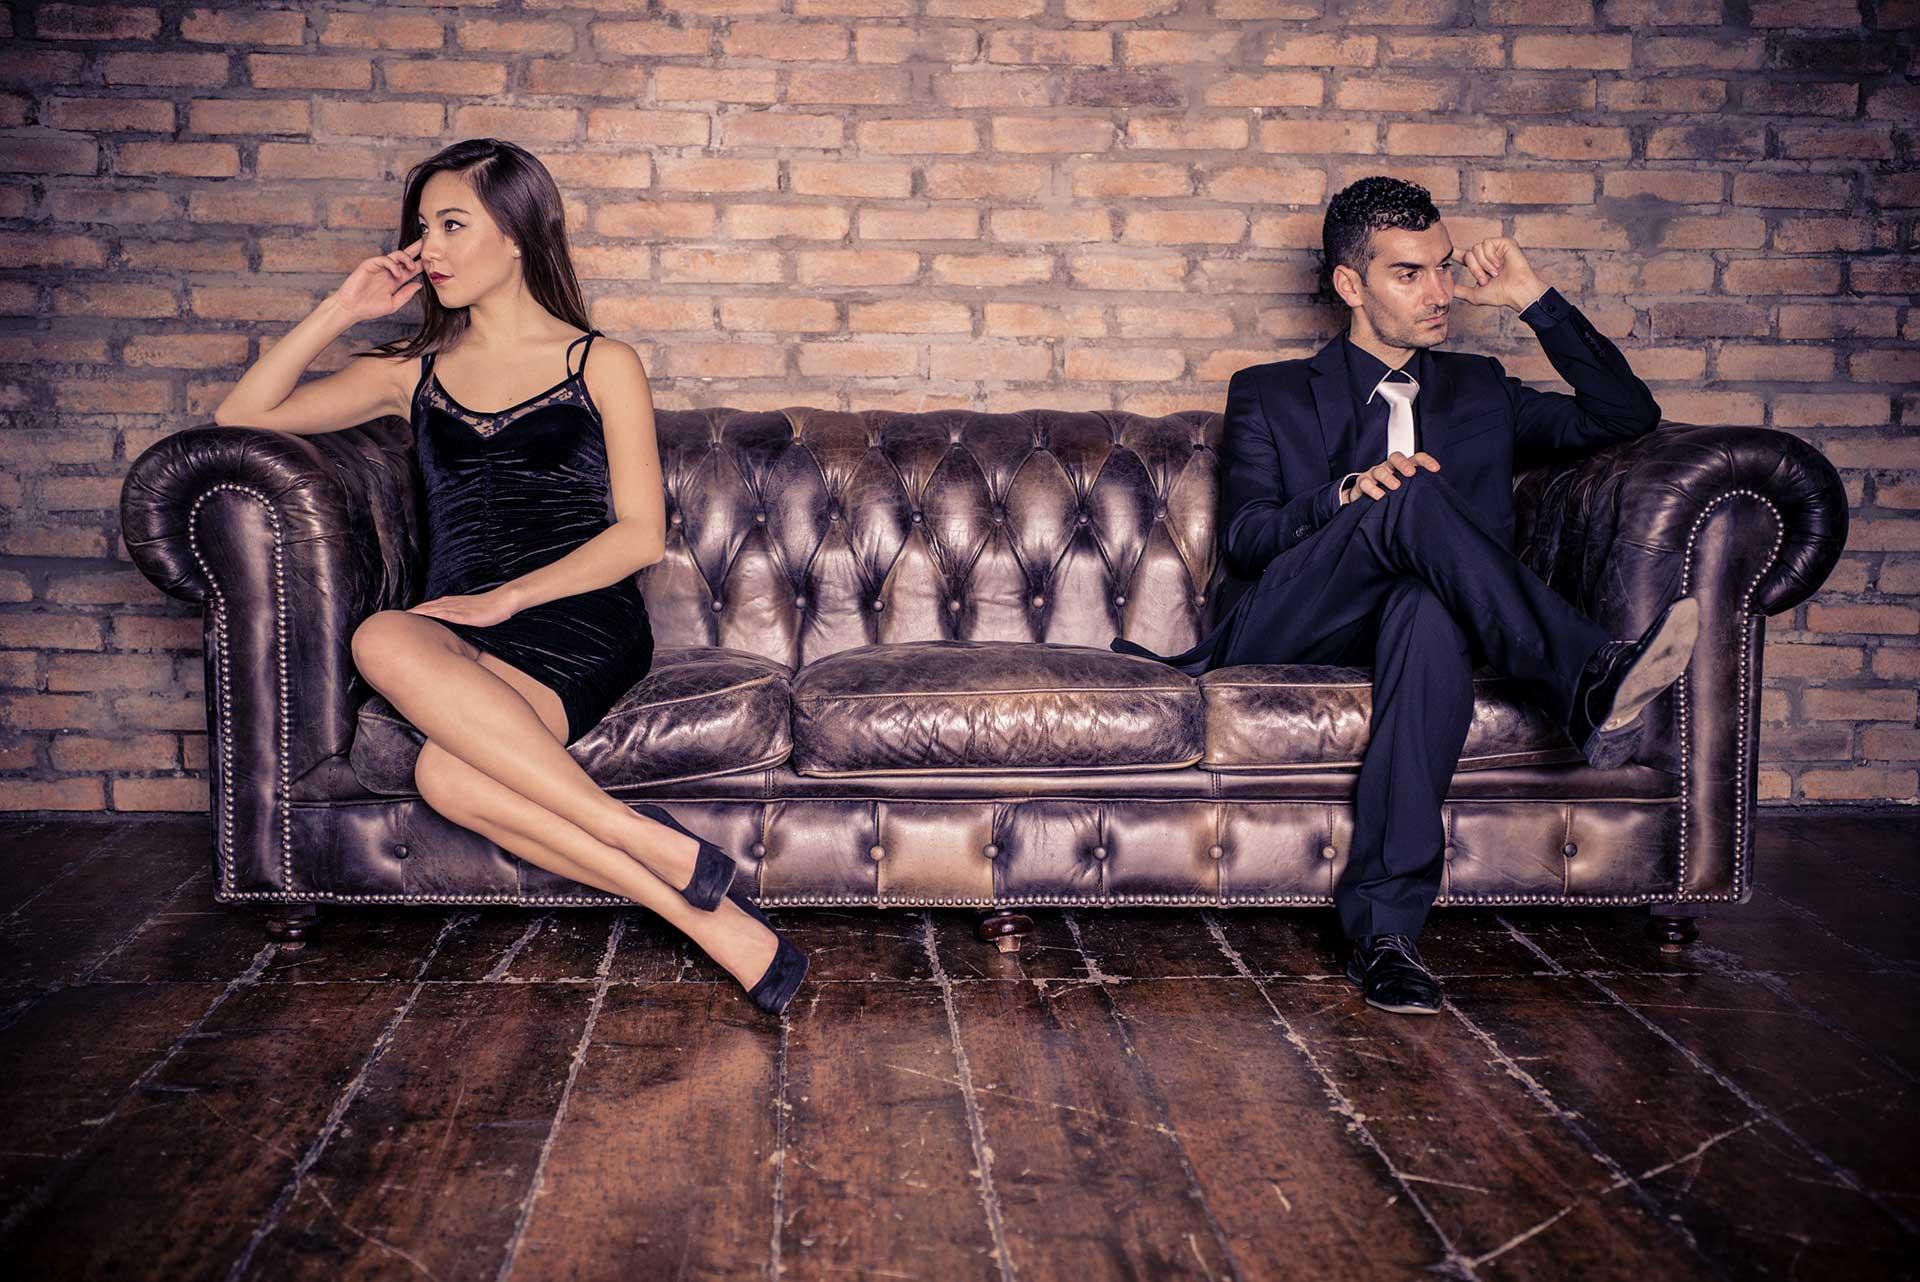 Mi öli meg a szerelmet? – a párkapcsolatok buktatói